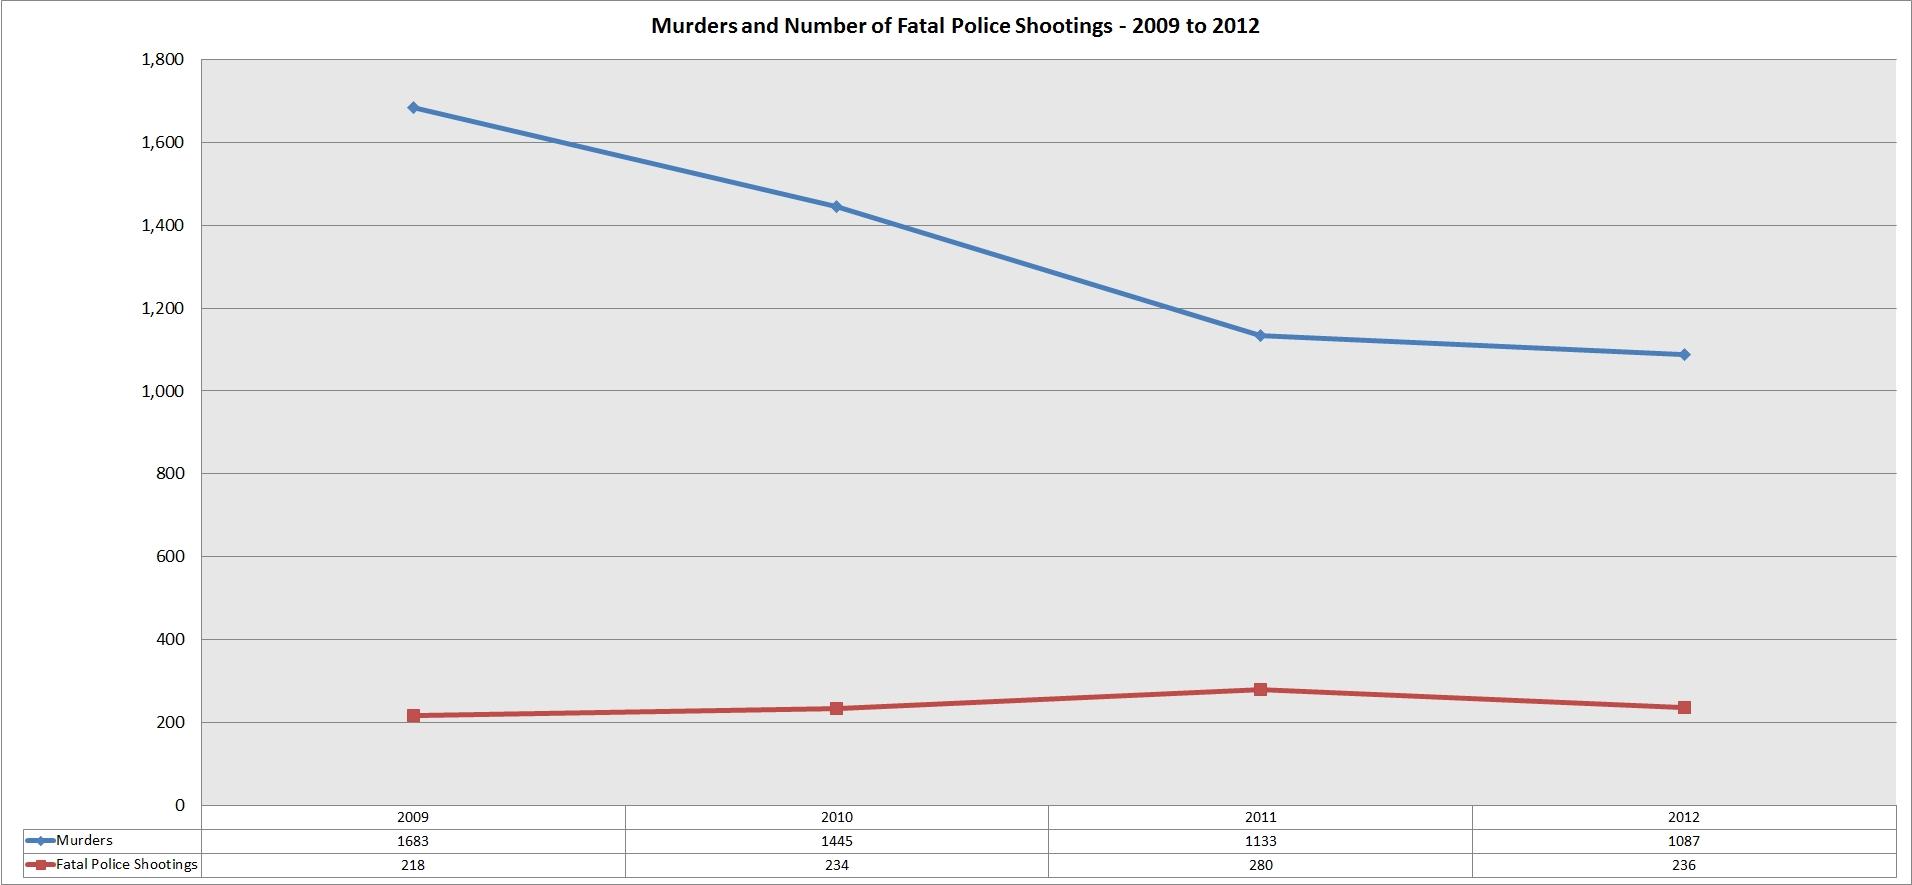 murders_fatal_police_shootings_2009_2012